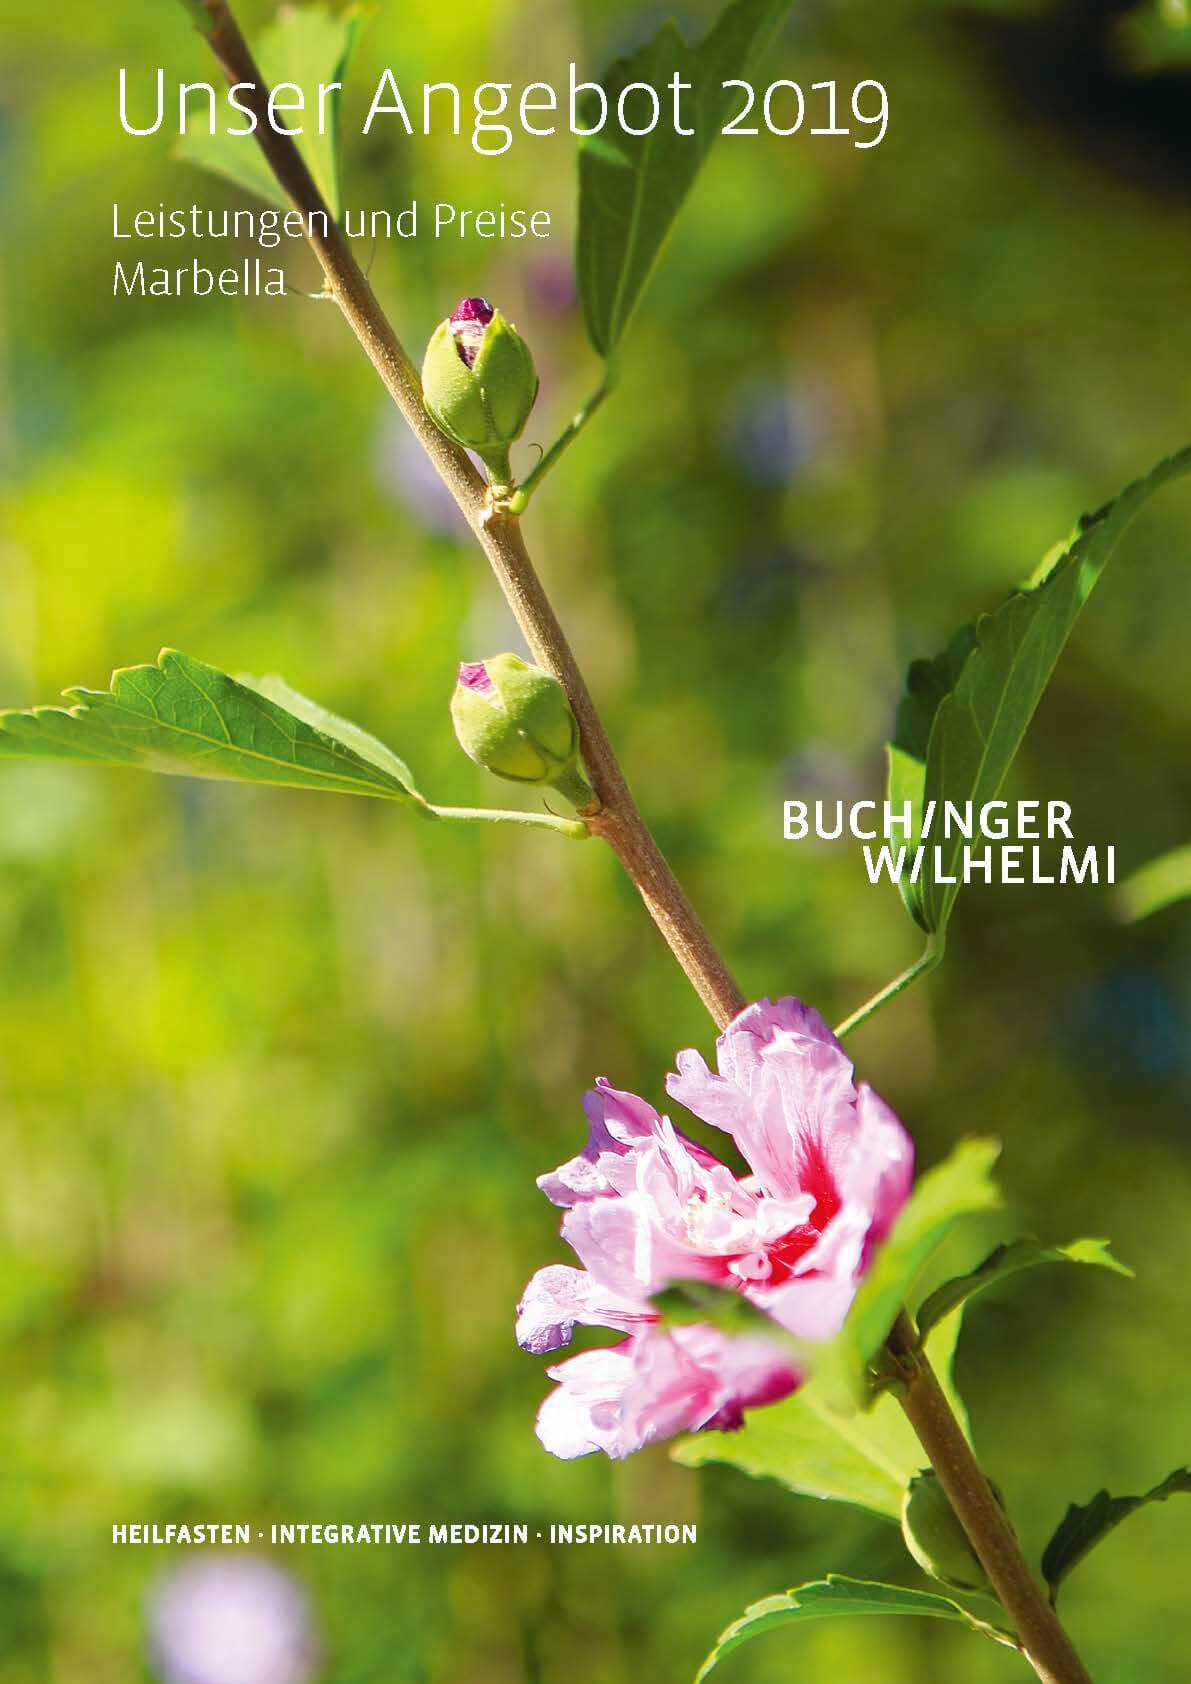 Buchinger Wilhelmi, Fasten, Heilfasten, Fasting, Health, Integrative Medicine, Unser Angebot 2019 Buchinger Wilhelmi Marbella